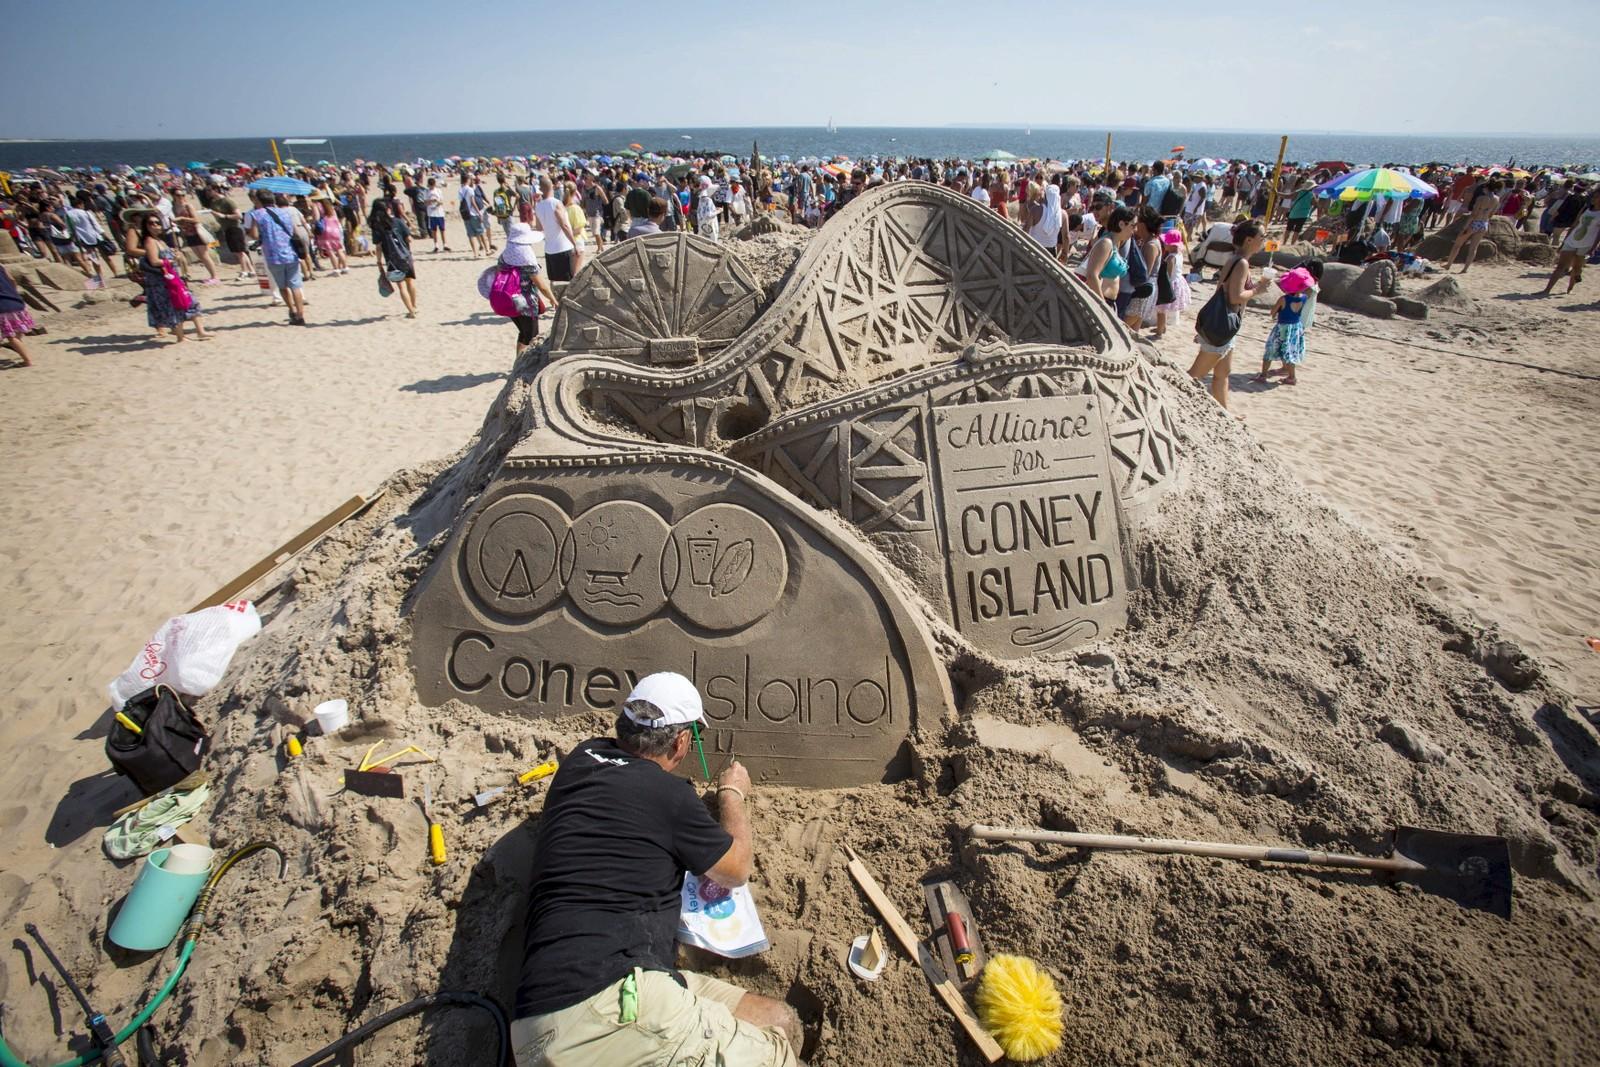 Sandslottkonkurranse på Coney Island, New York. Folk fra hele USA deltar i konkurransen som er i sitt 25. år.